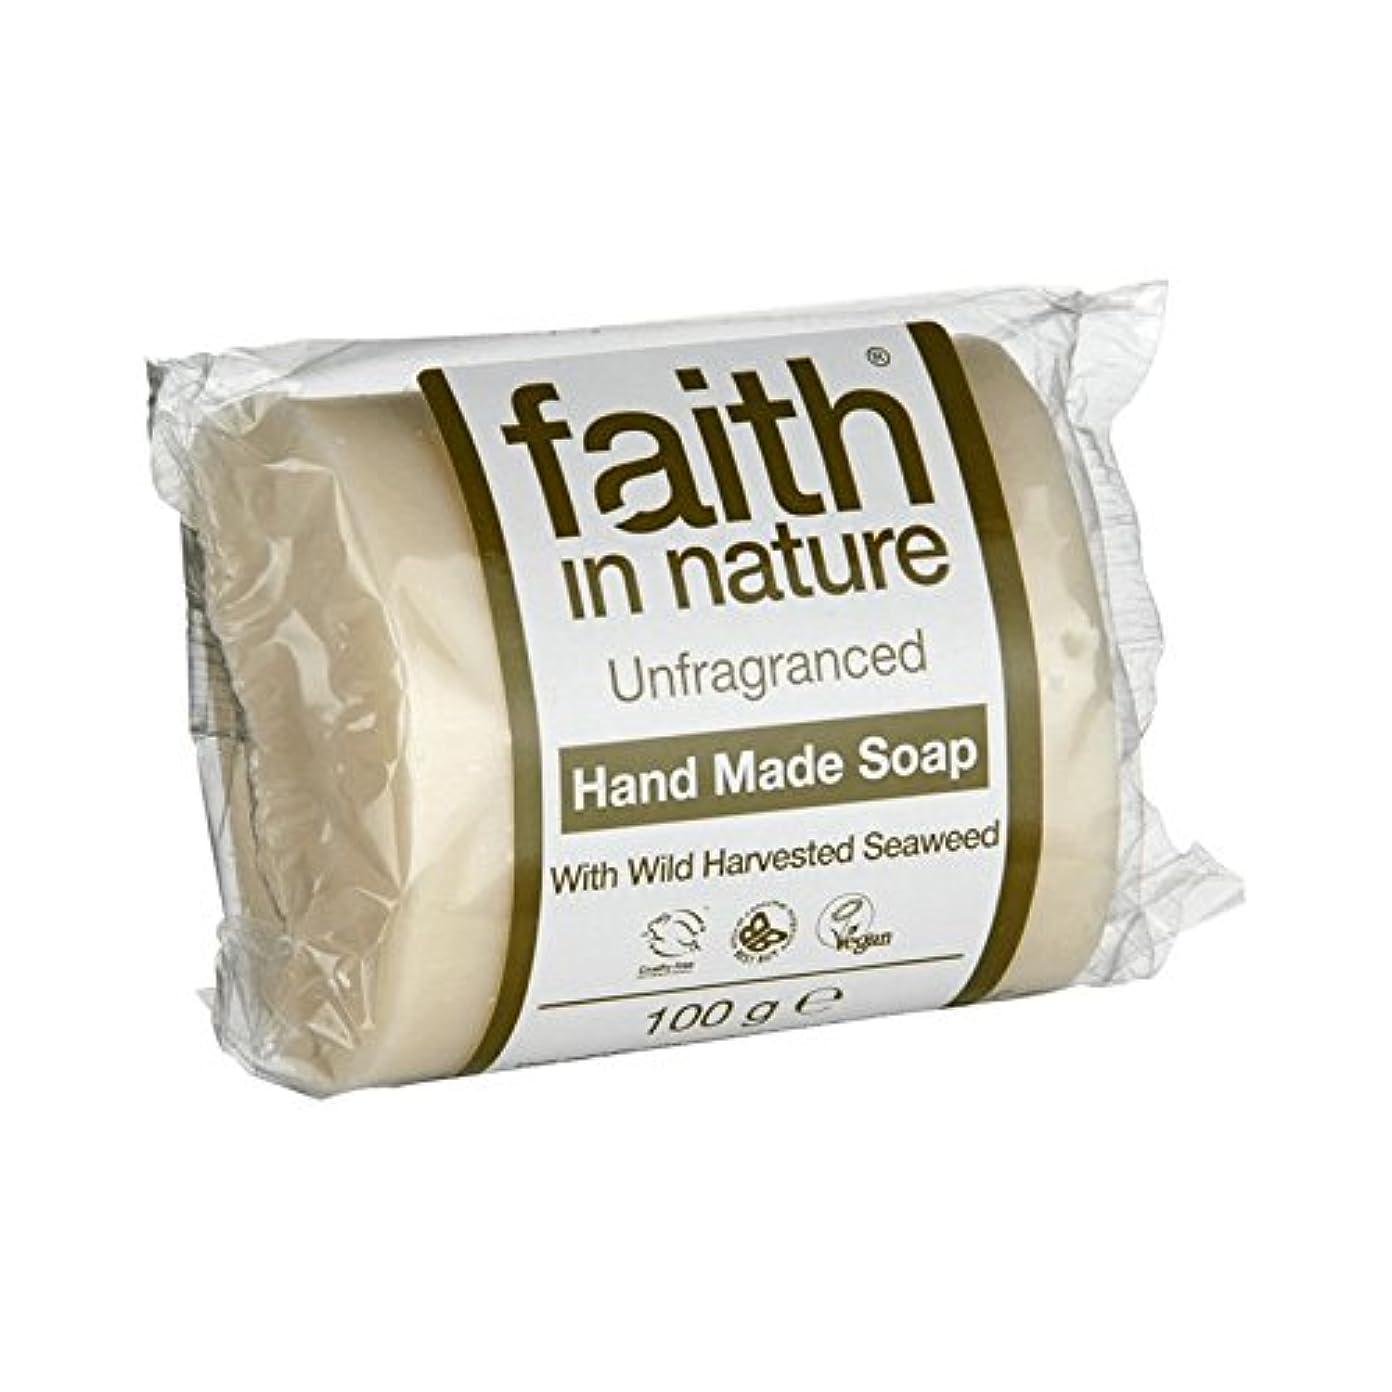 夜ラリーキャロライン自然無香料海藻石鹸100グラムの信仰 - Faith in Nature Unfragranced Seaweed Soap 100g (Faith in Nature) [並行輸入品]